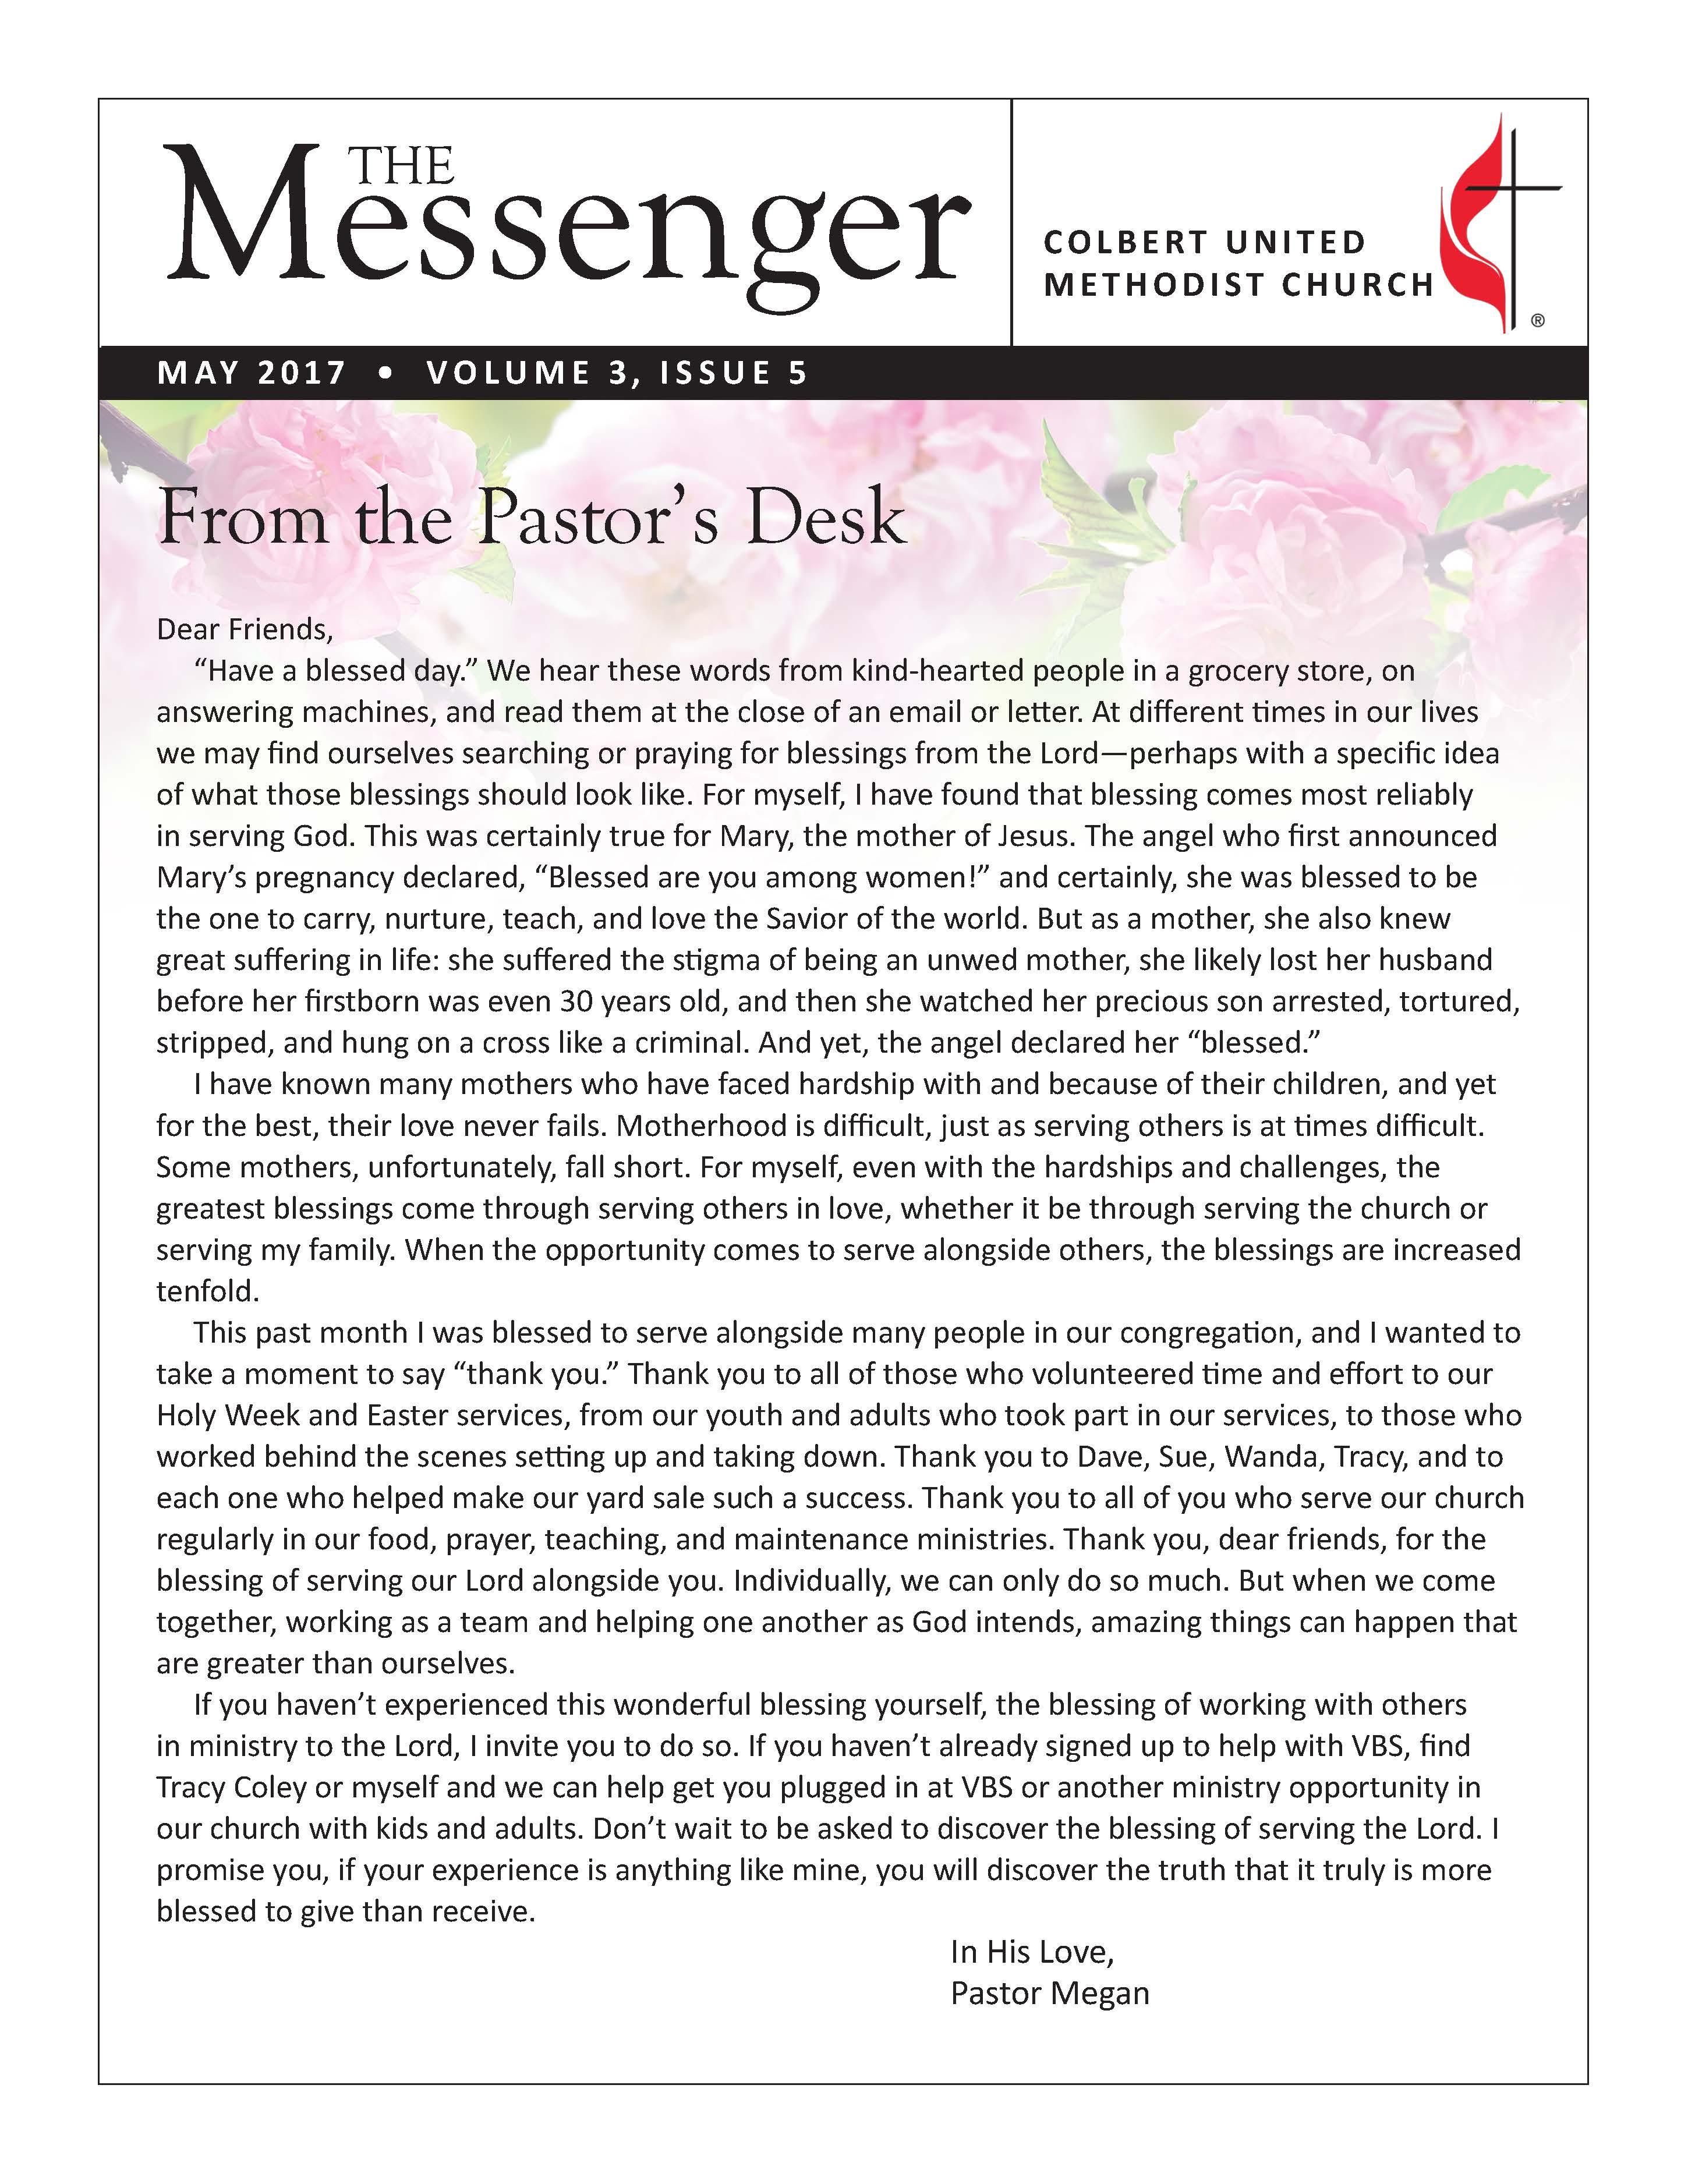 messenger_may-17